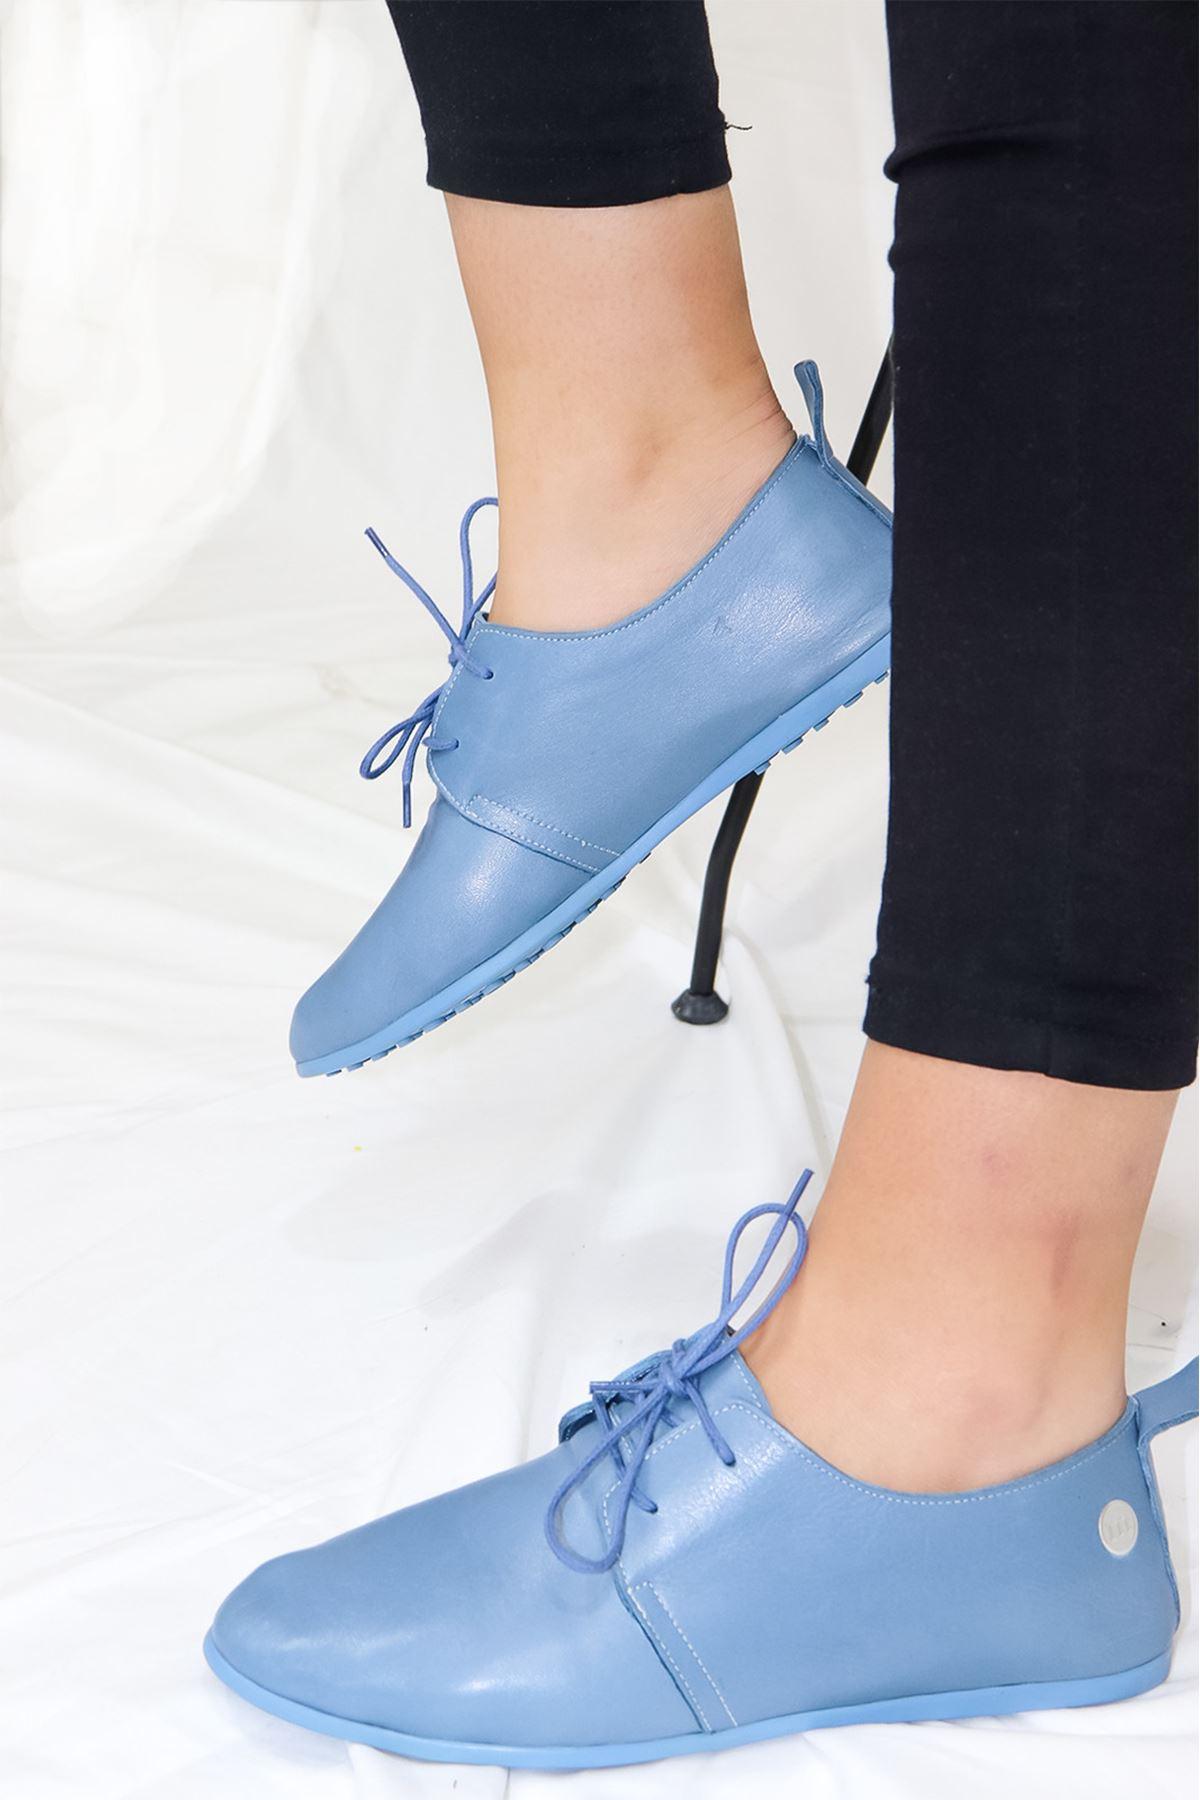 Mammamia - D21YA - 965-B Kot Mavi Casual Kadın Ayakkabısı